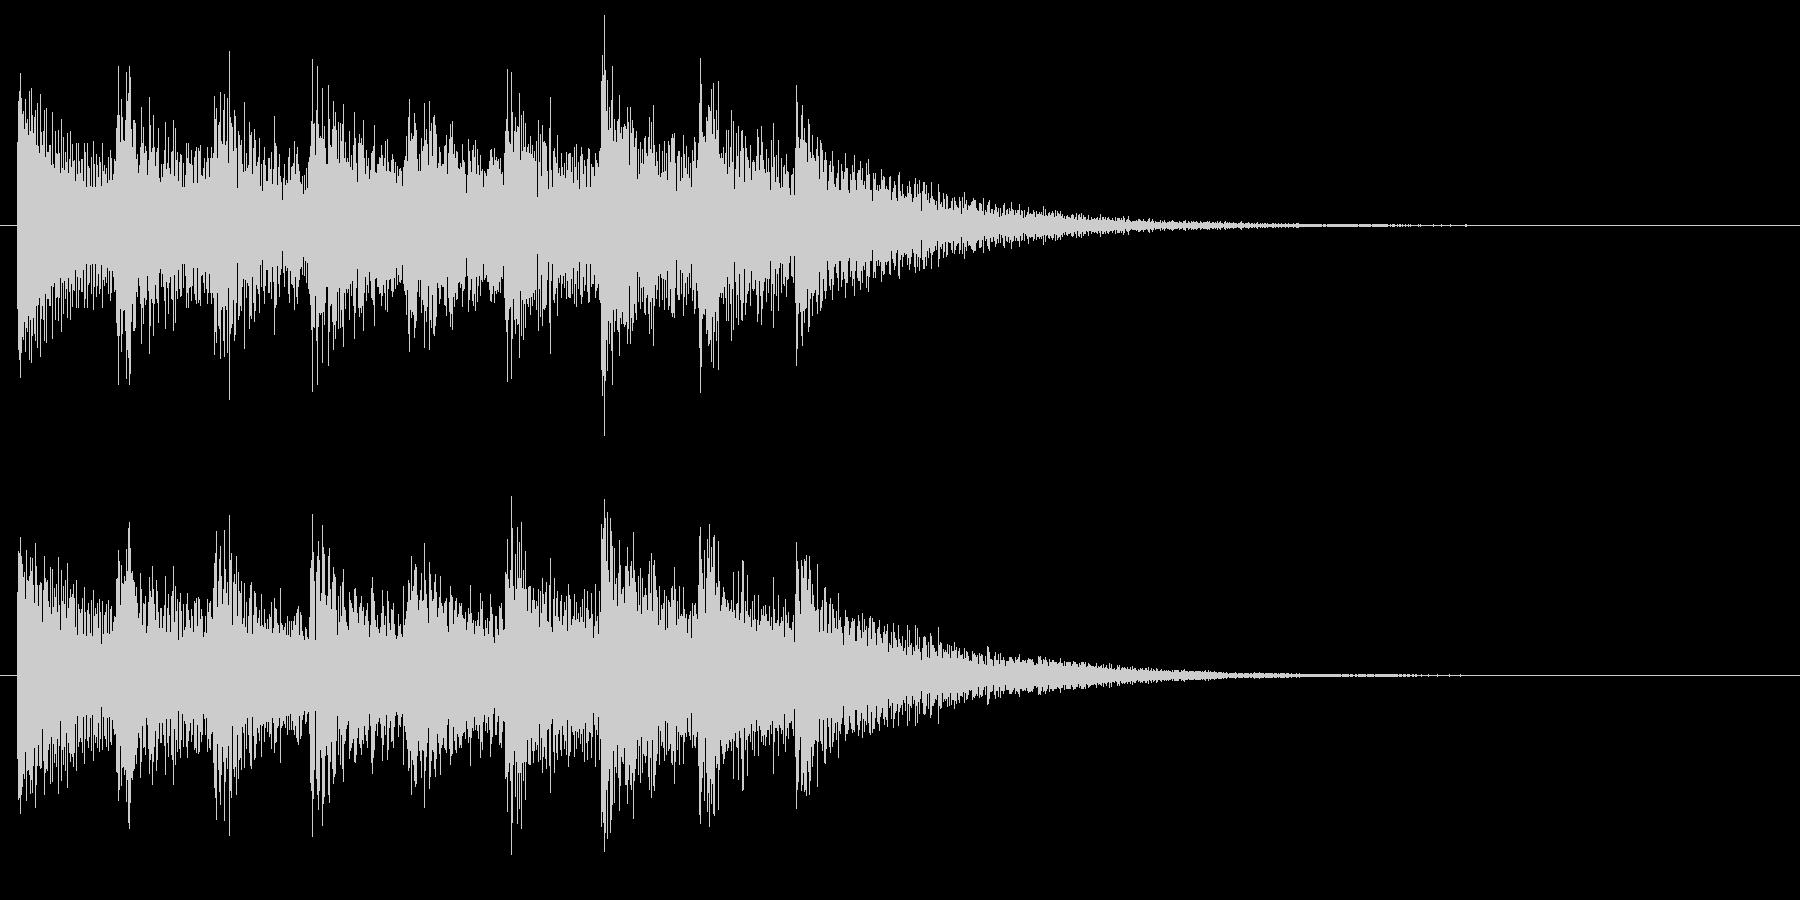 和風な演出 和楽器 琴の場面転換 D2の未再生の波形